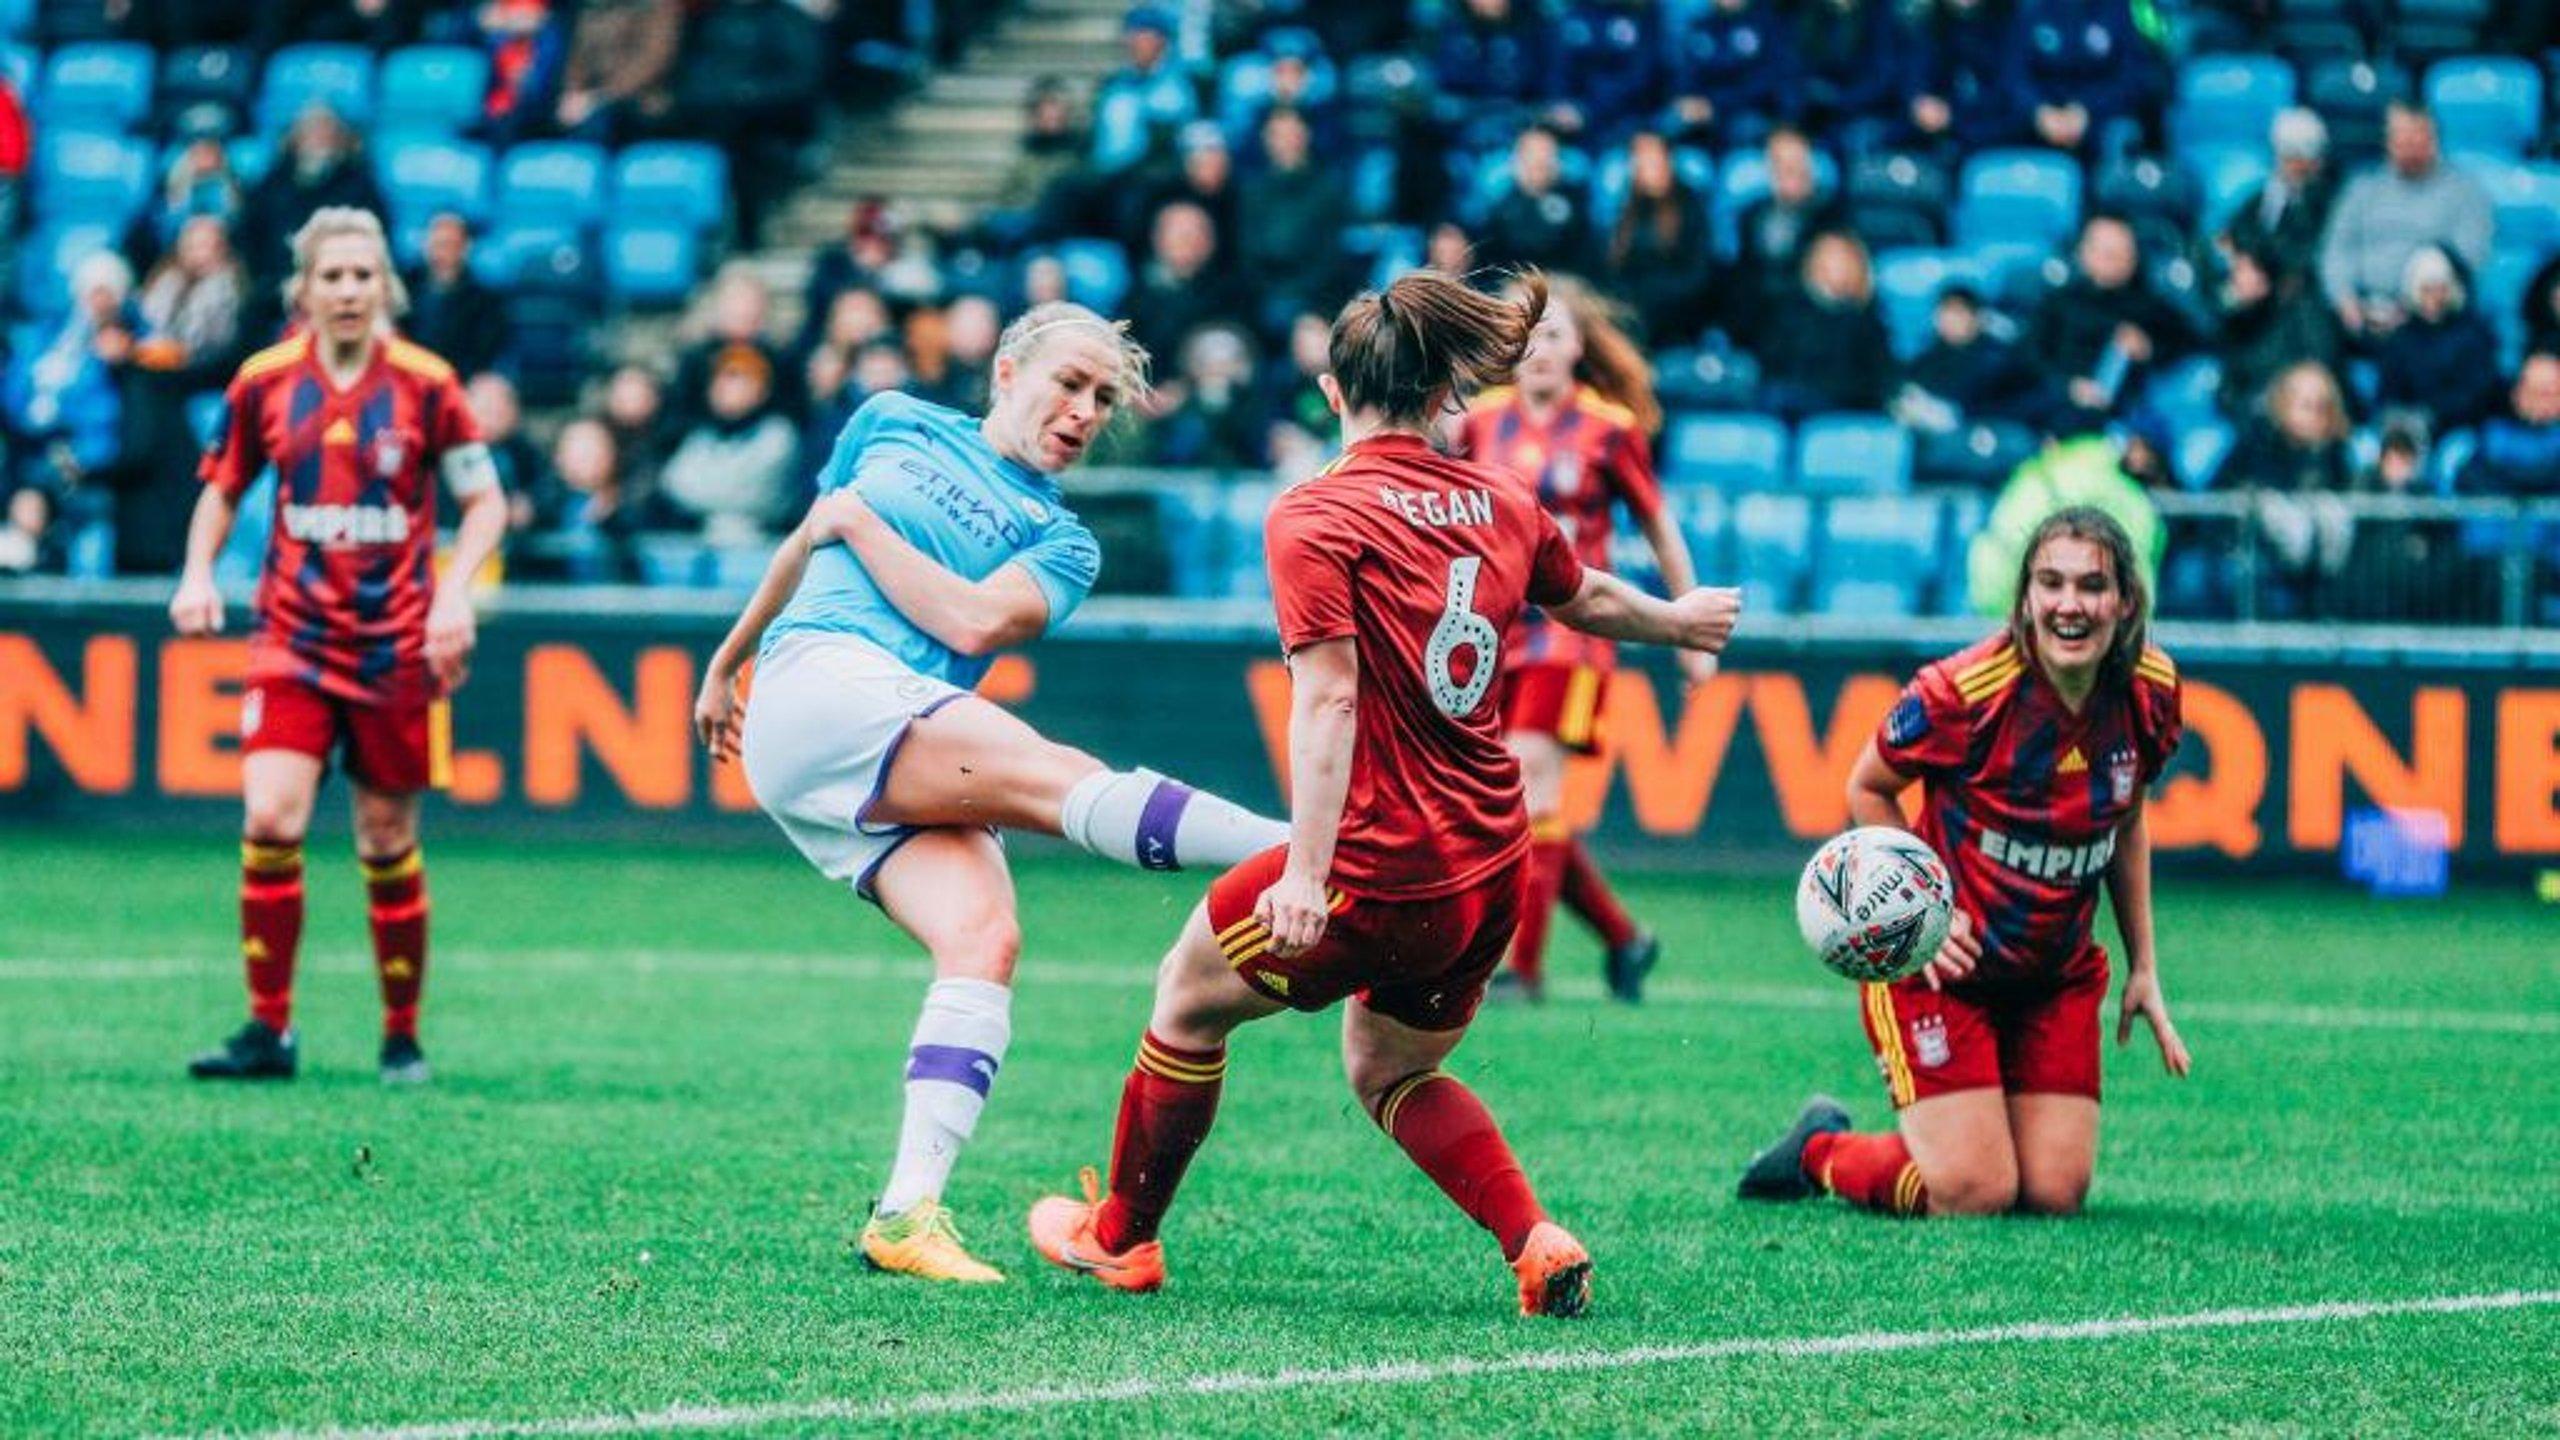 City score 10 to reach FA Cup quarter-final